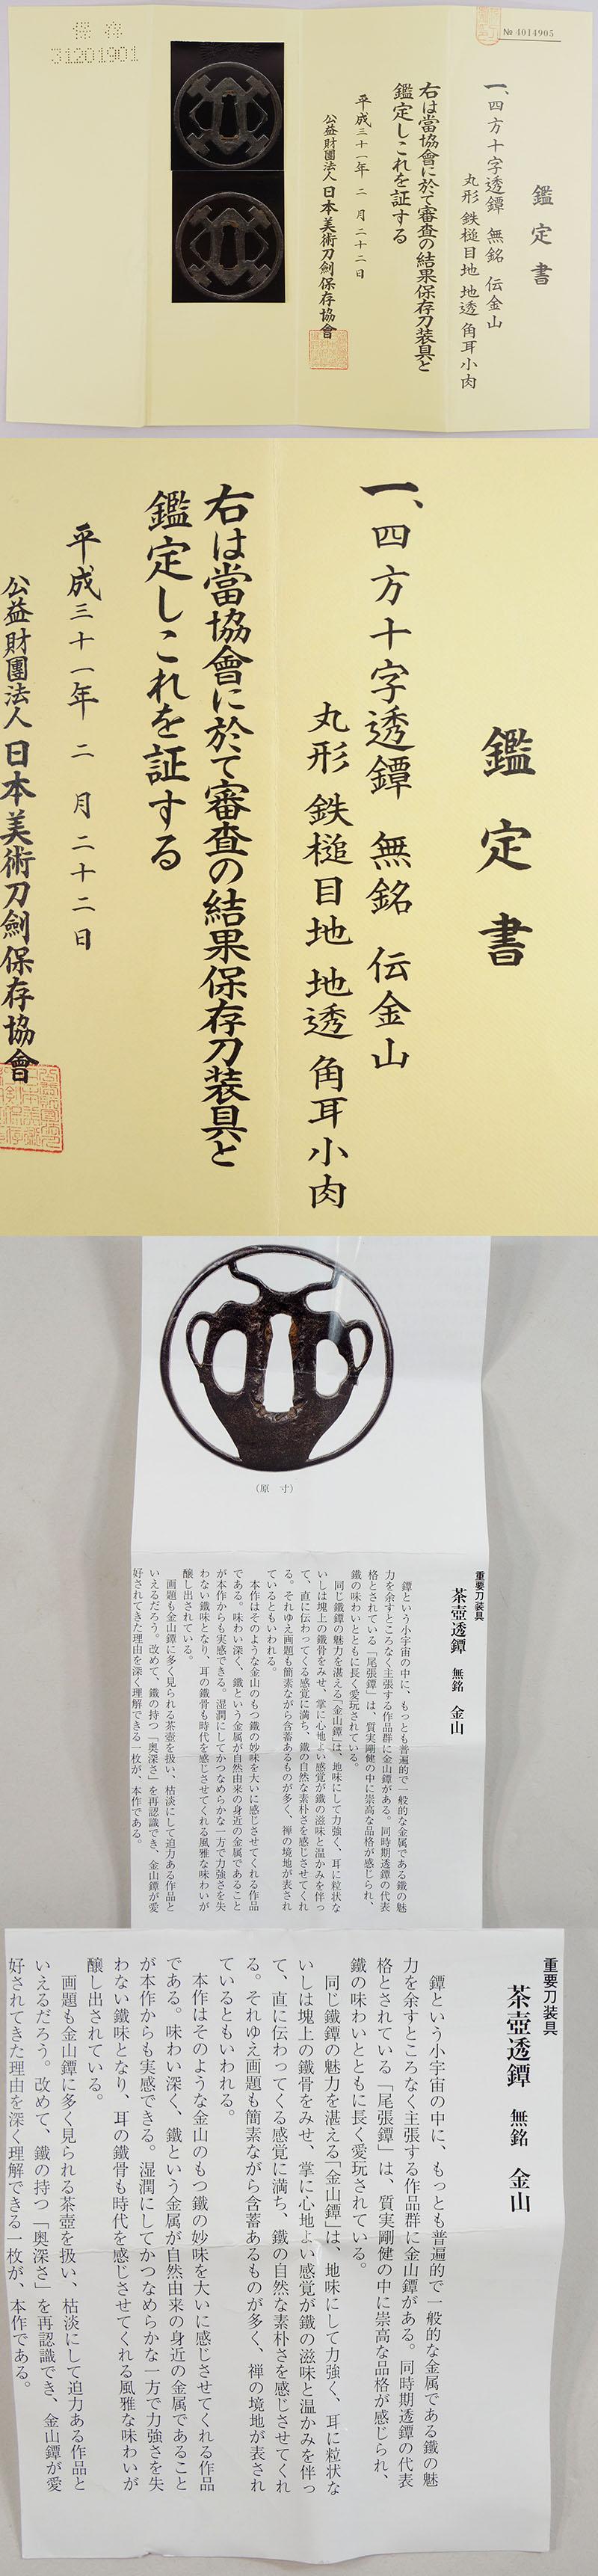 四方十字透鍔 無銘 伝金山鑑定書画像